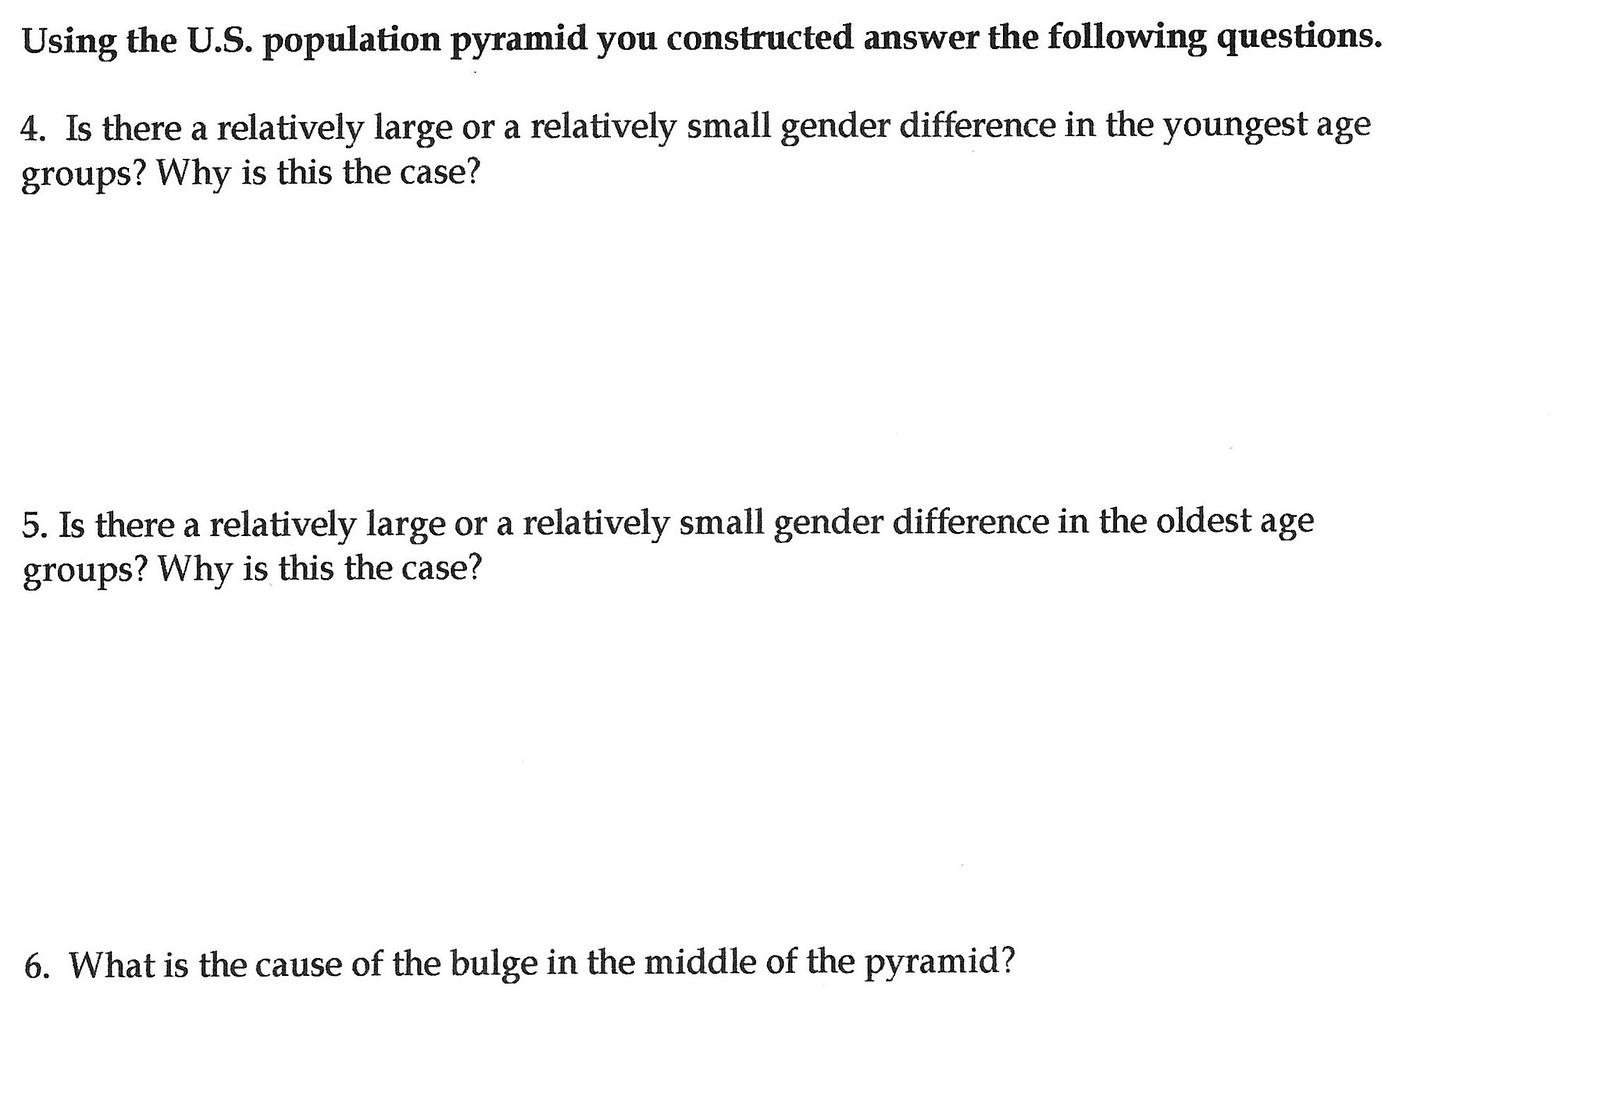 Pyramid Page 3